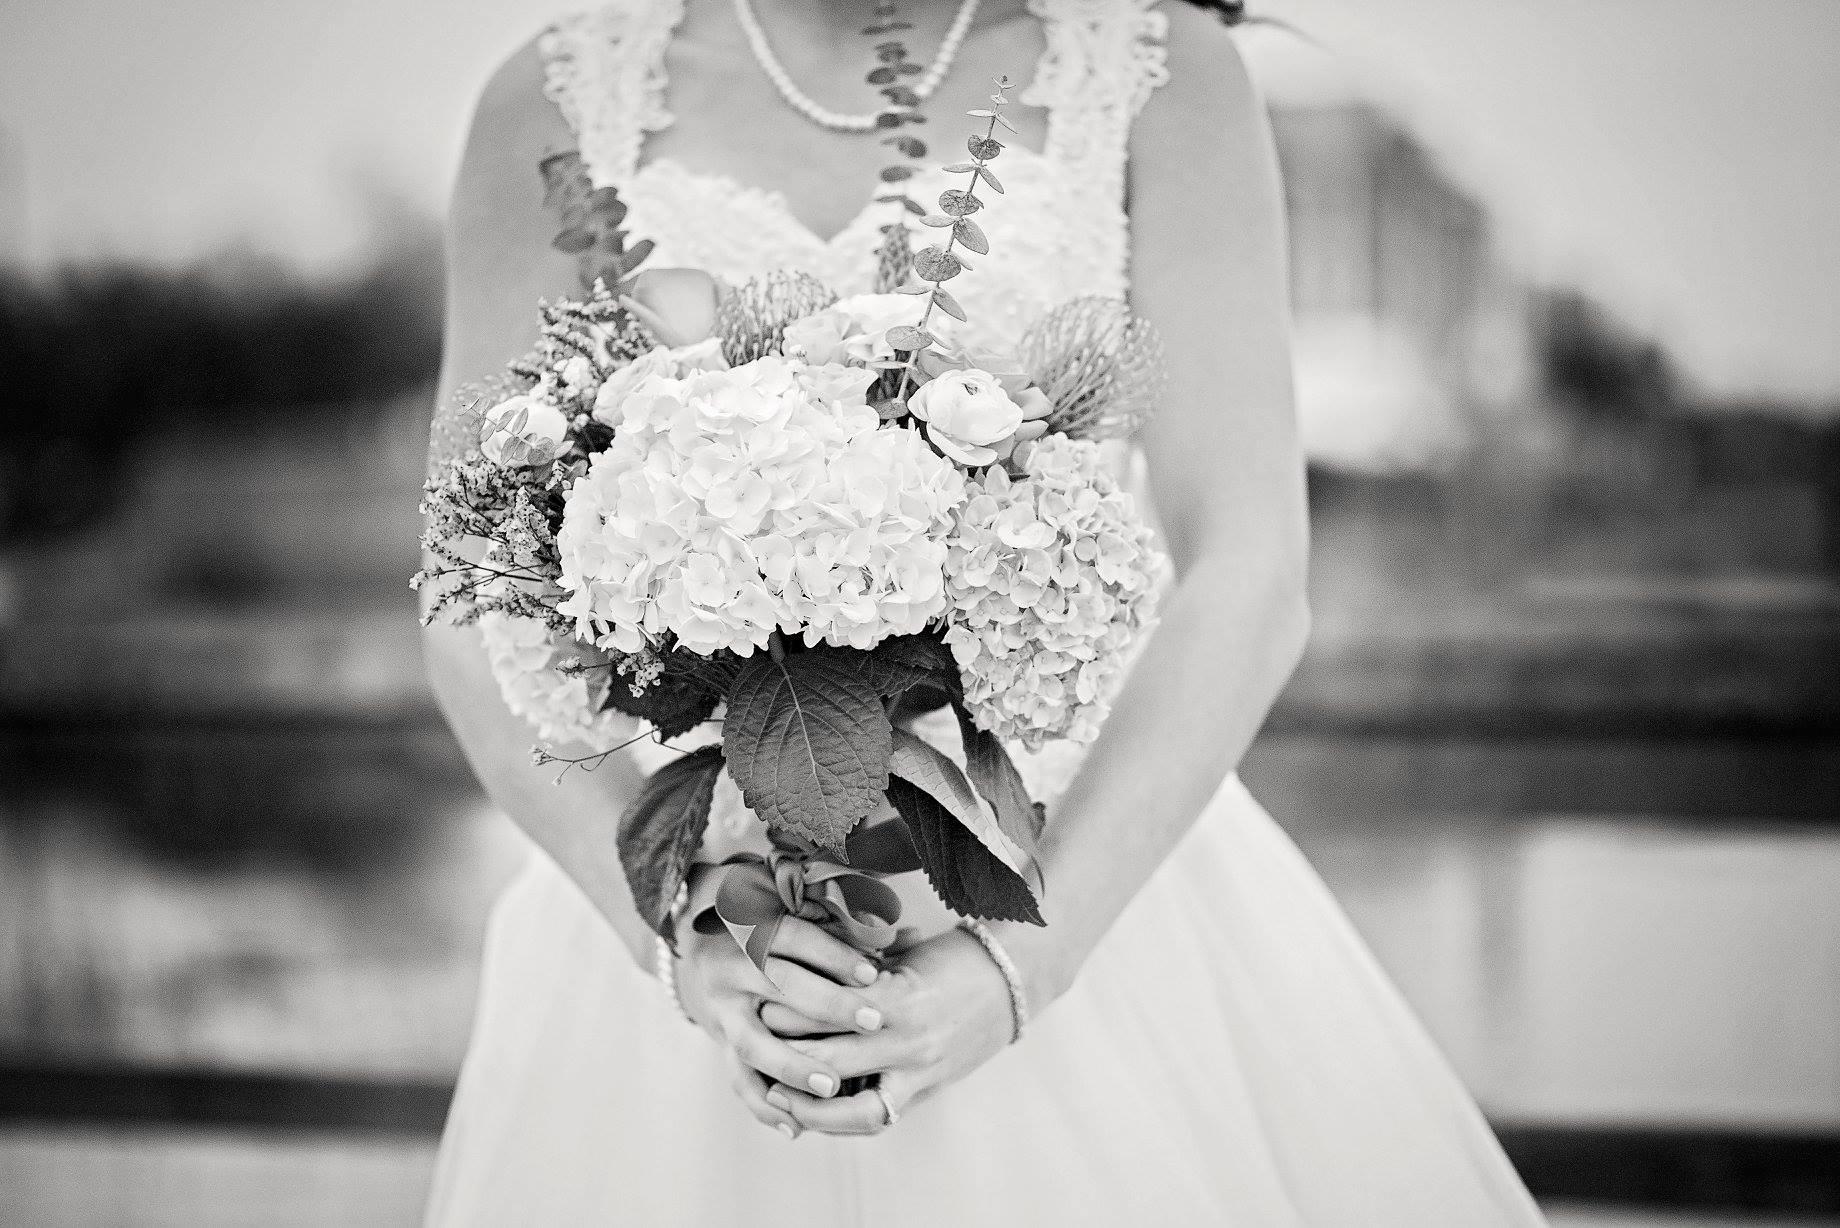 /assets/images/photos/bouquet.jpg